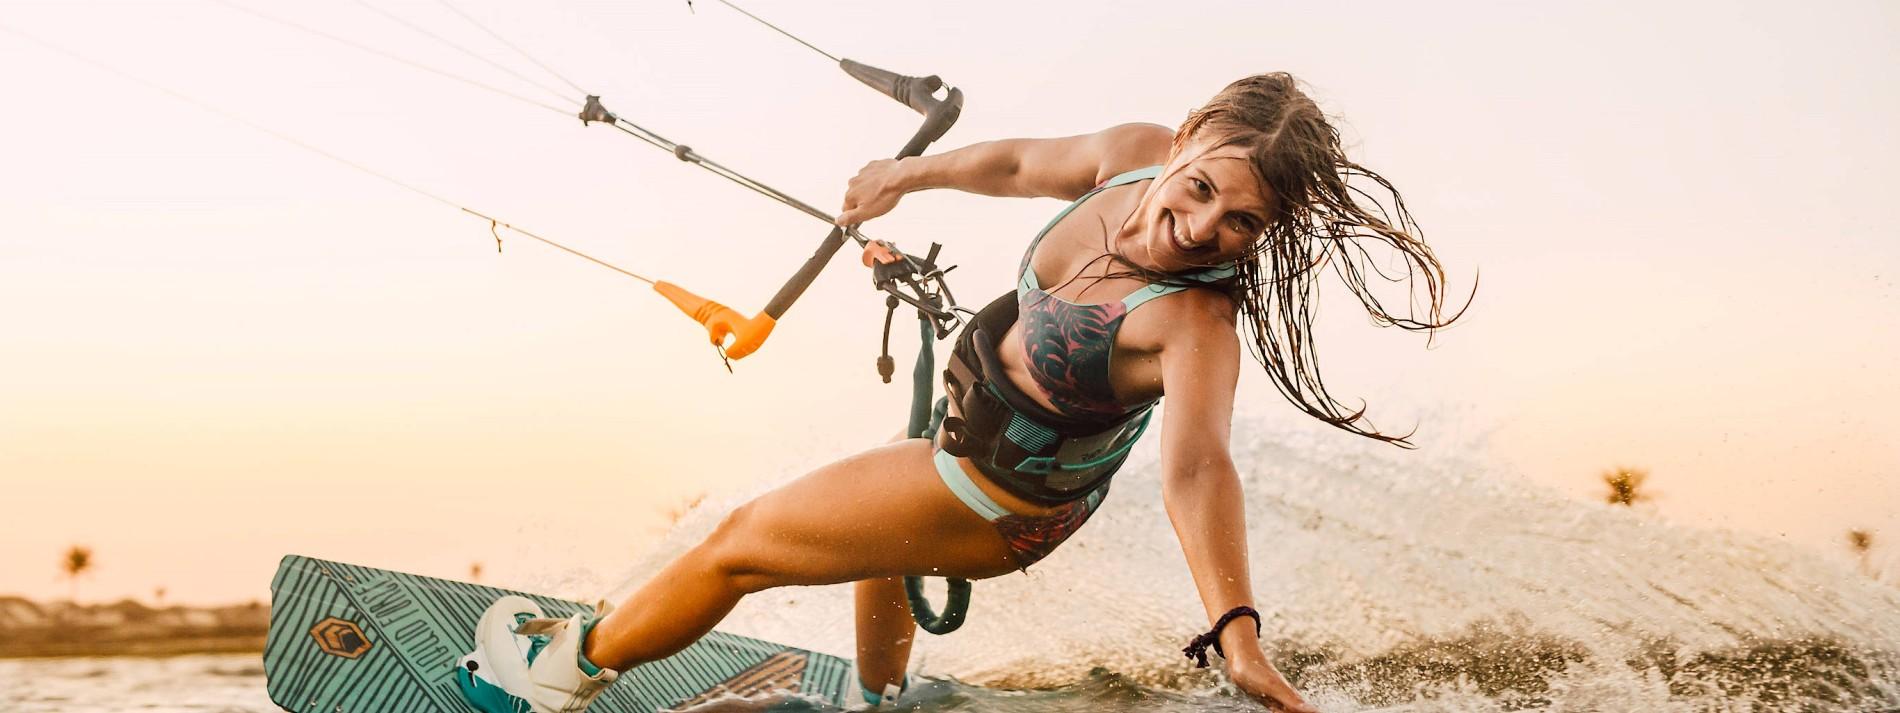 Mit diesen Bikinis kann man wirklich Sport machen